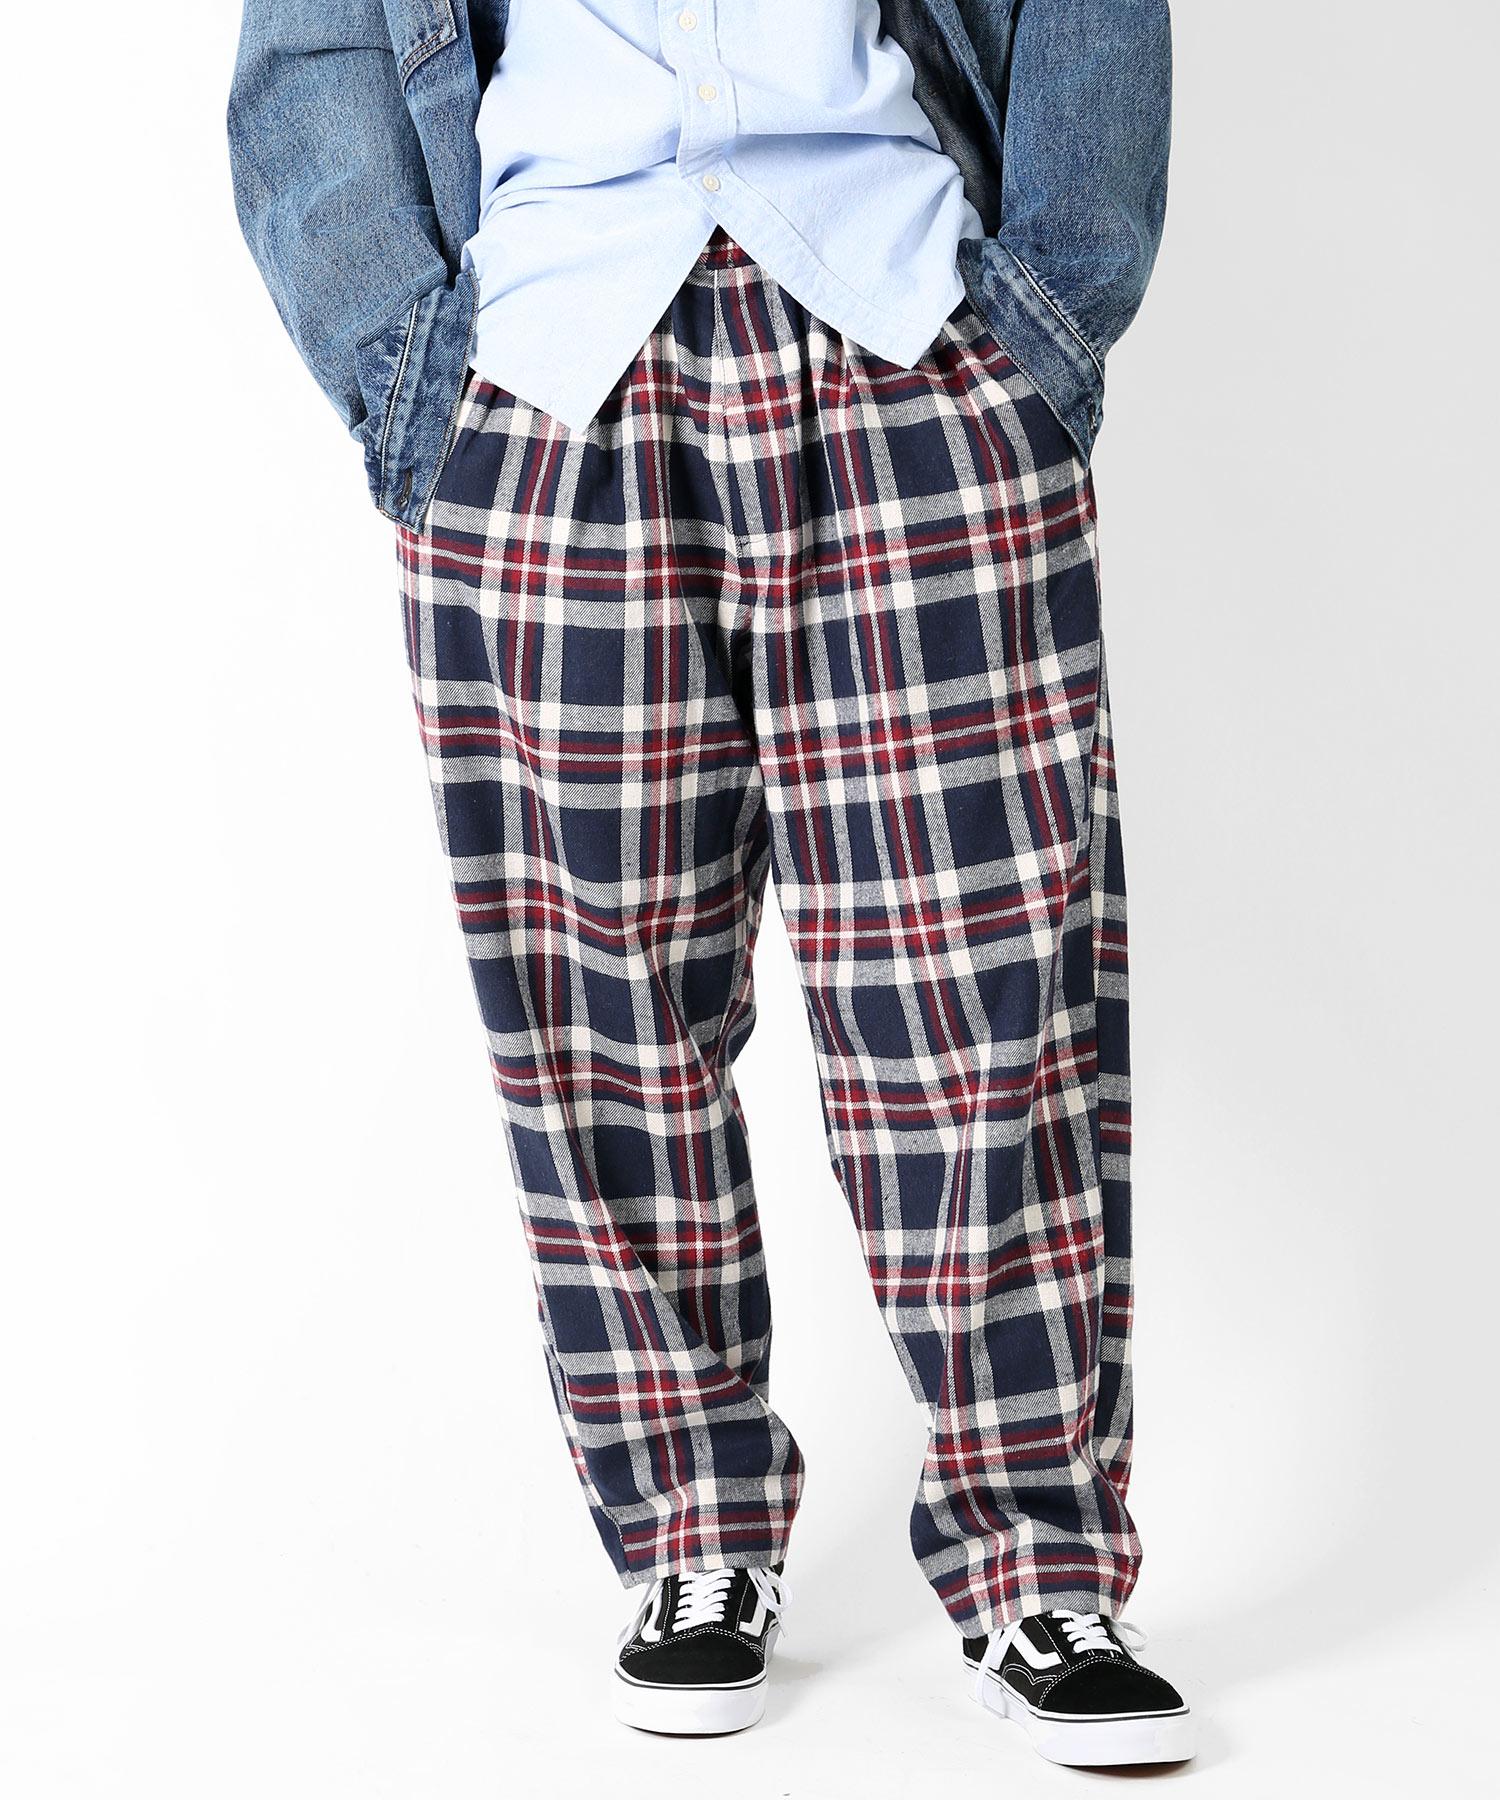 嵐 二宮和也さんが2/1 VS嵐で着用した衣装のFREAK'S STORE チェックバギーパンツ